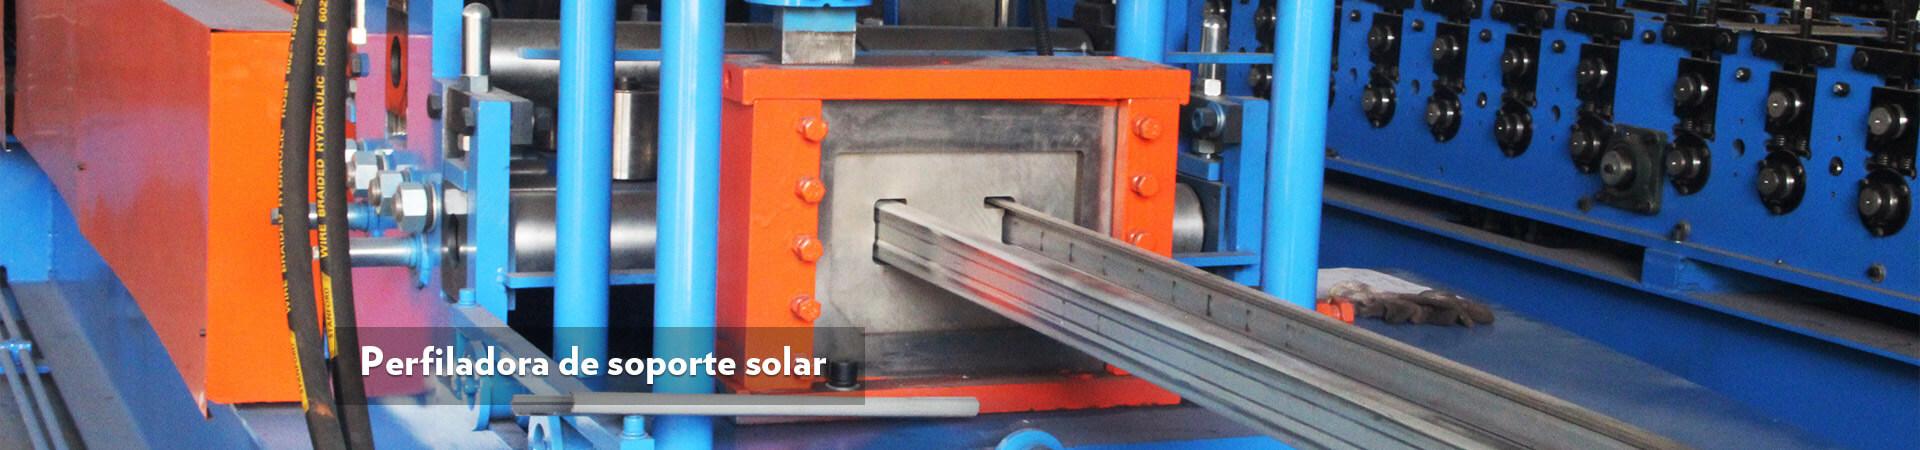 Perfiladora de soporte solar